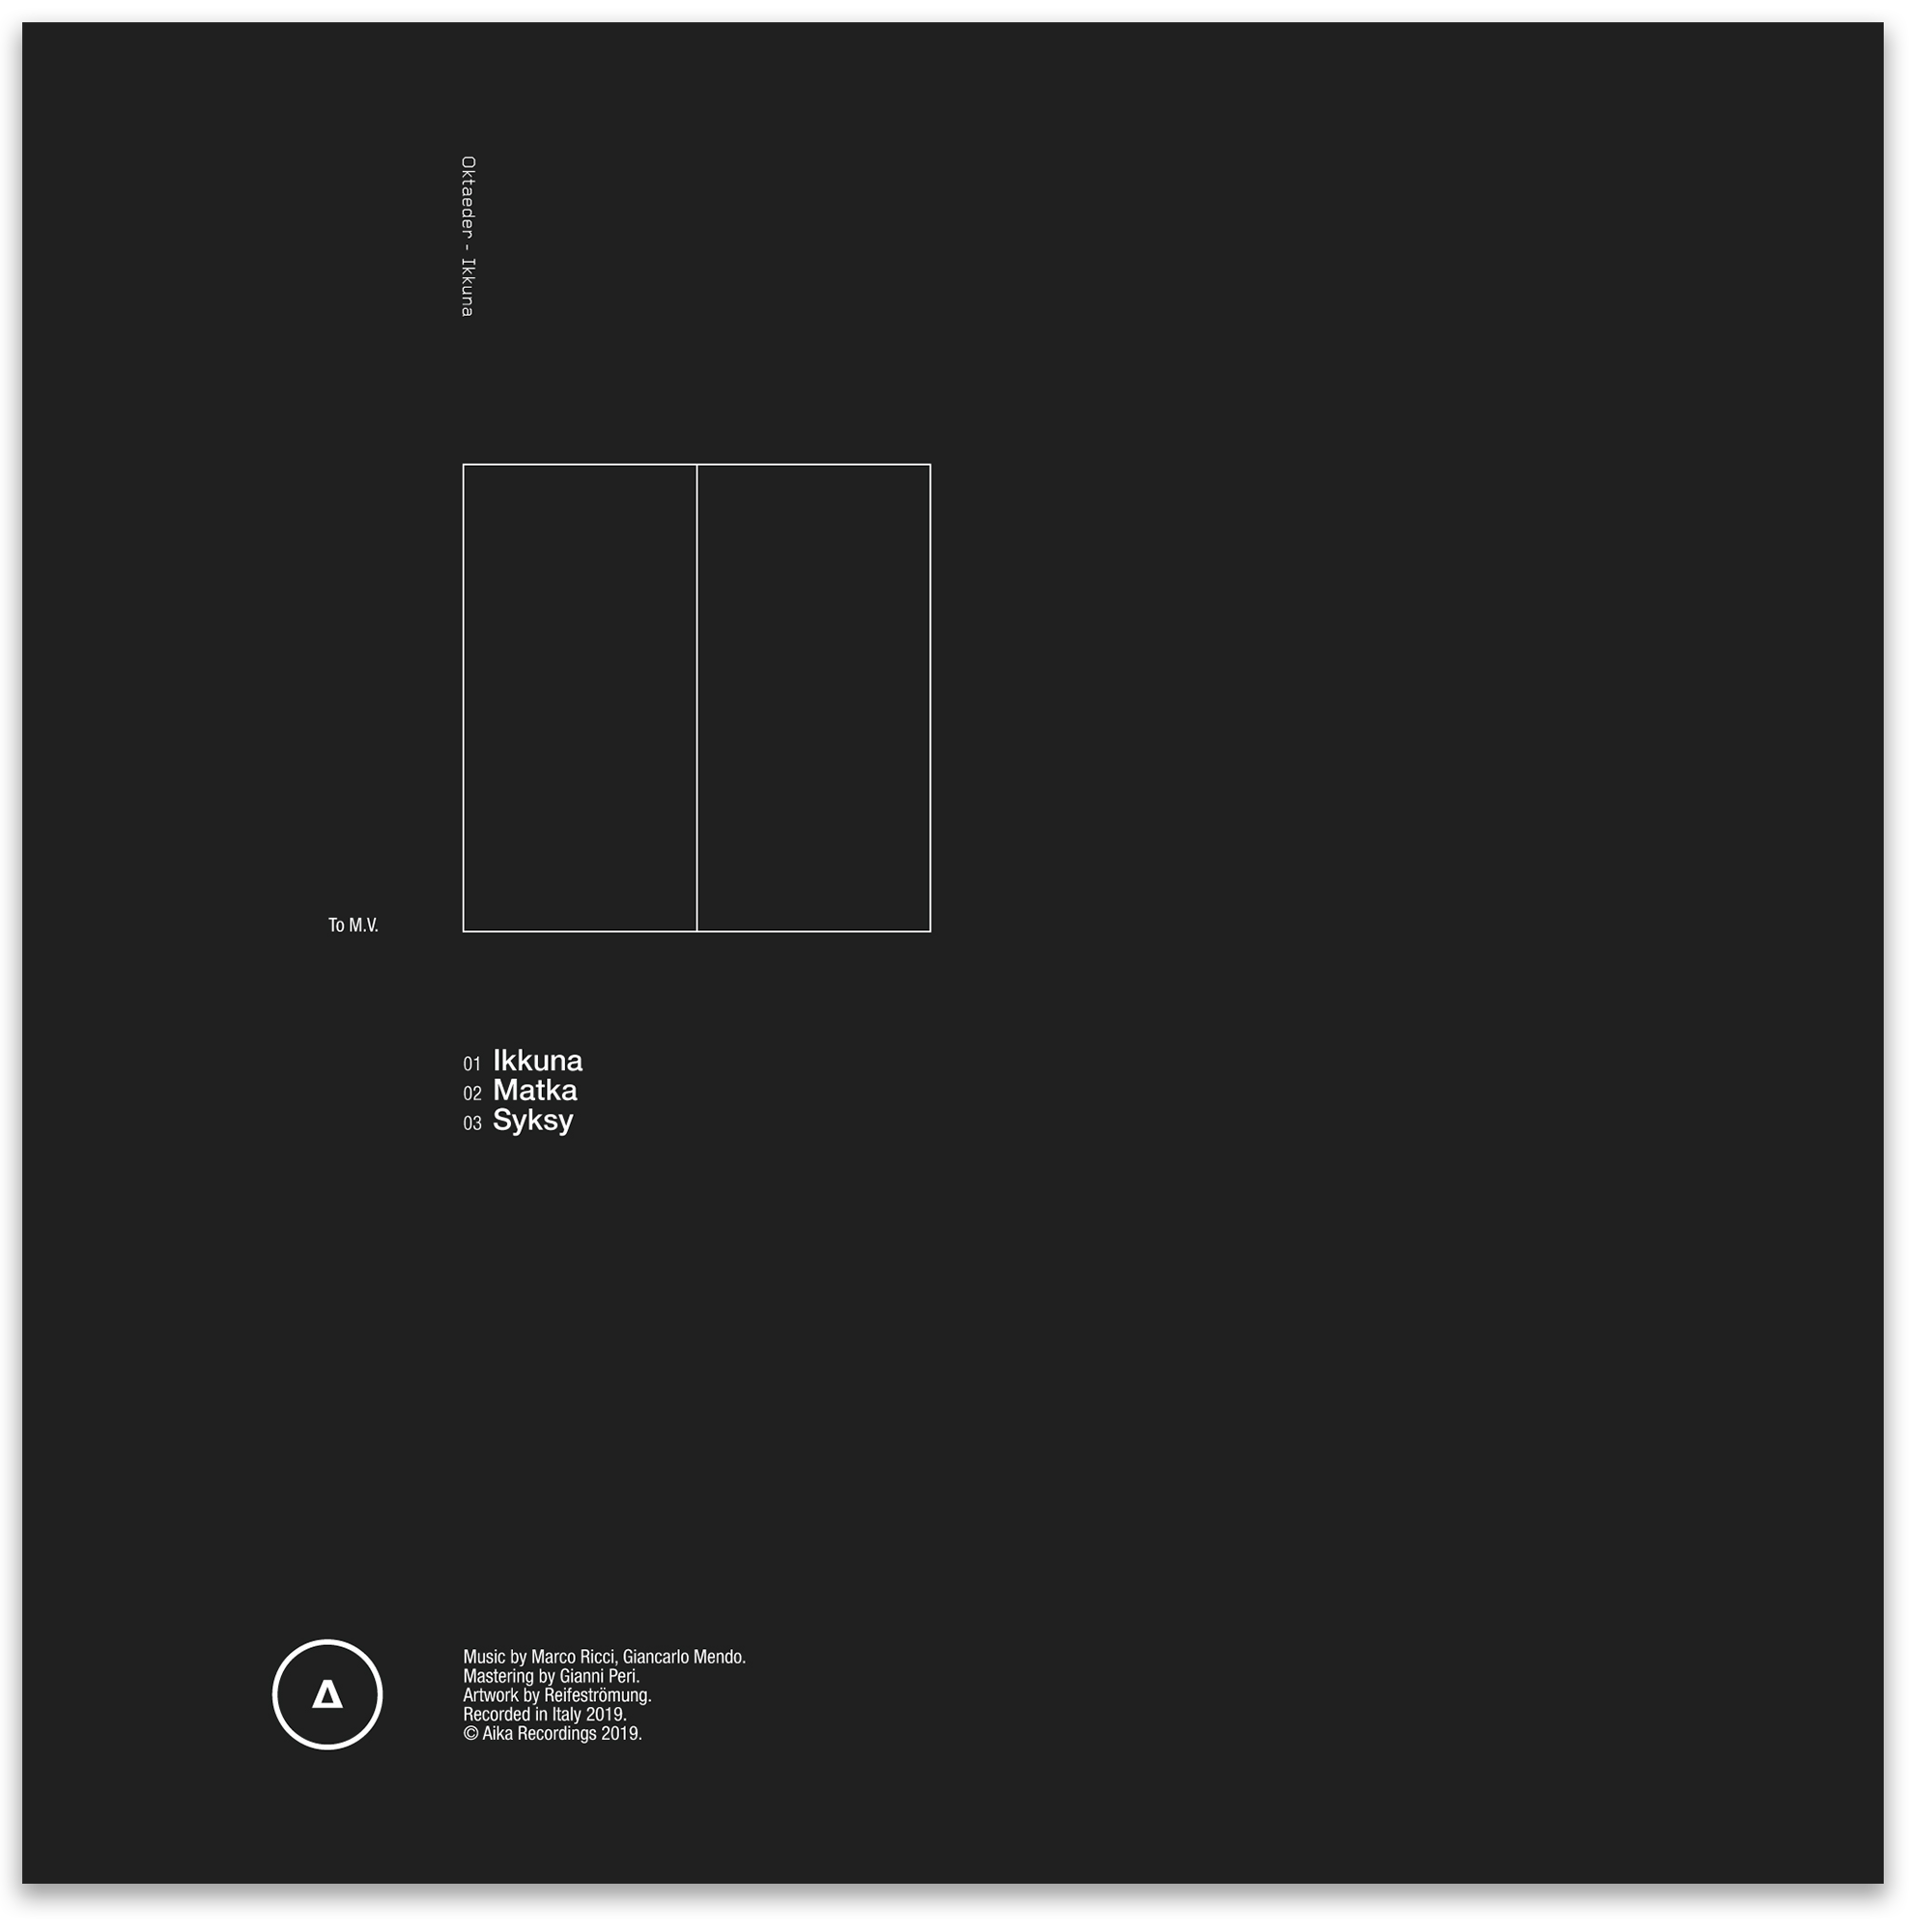 Oktaeder Ikkuna aika recordings